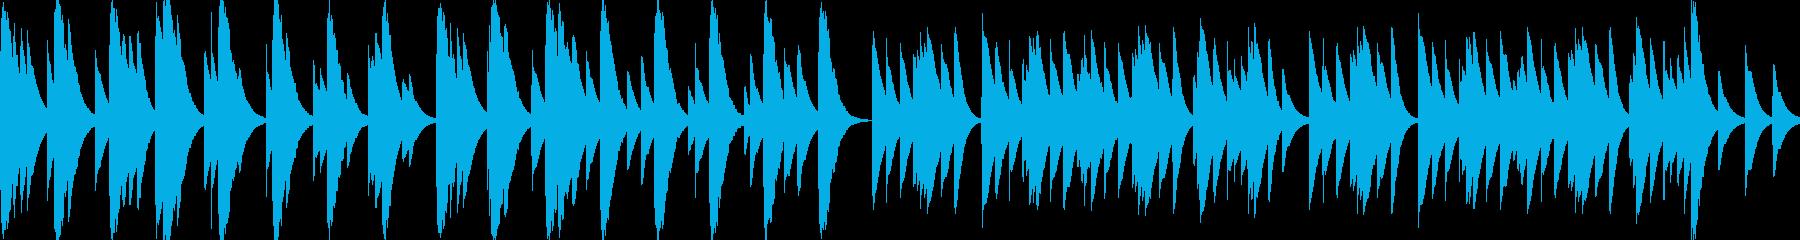 優しくてしんみりするBGM_ループの再生済みの波形